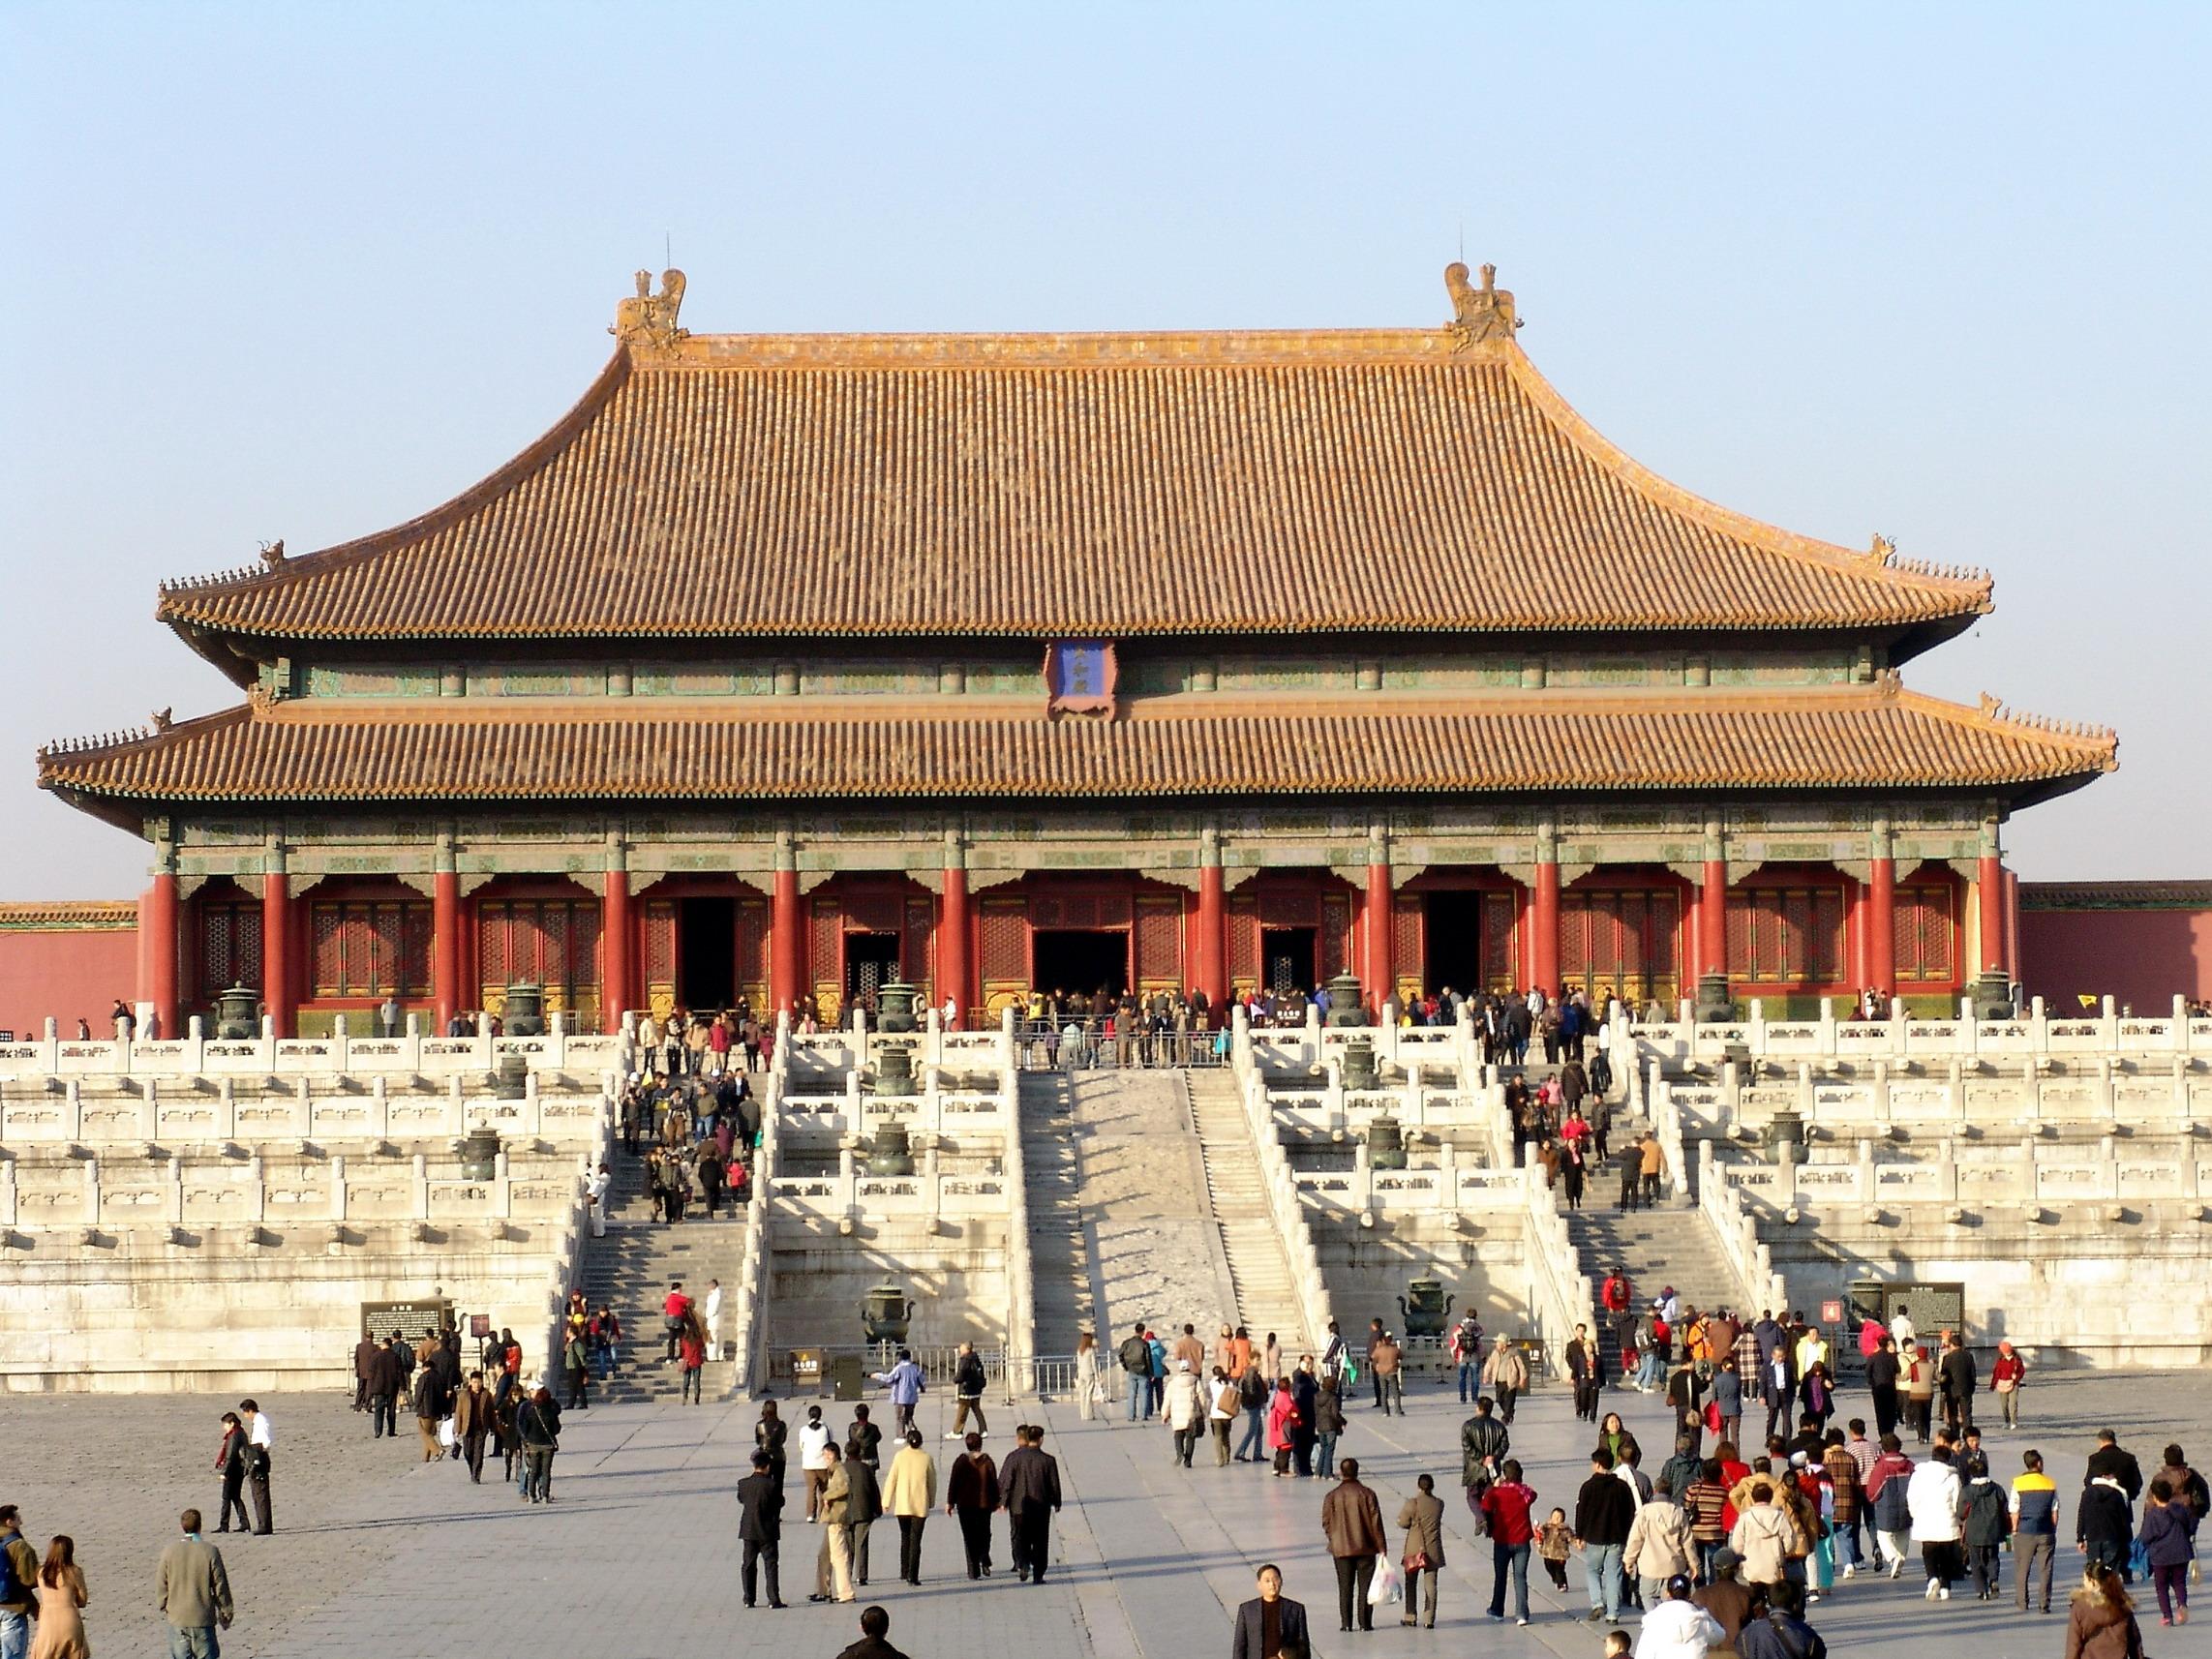 házasságkészítés az ősi Kínábantárskereső fort st john